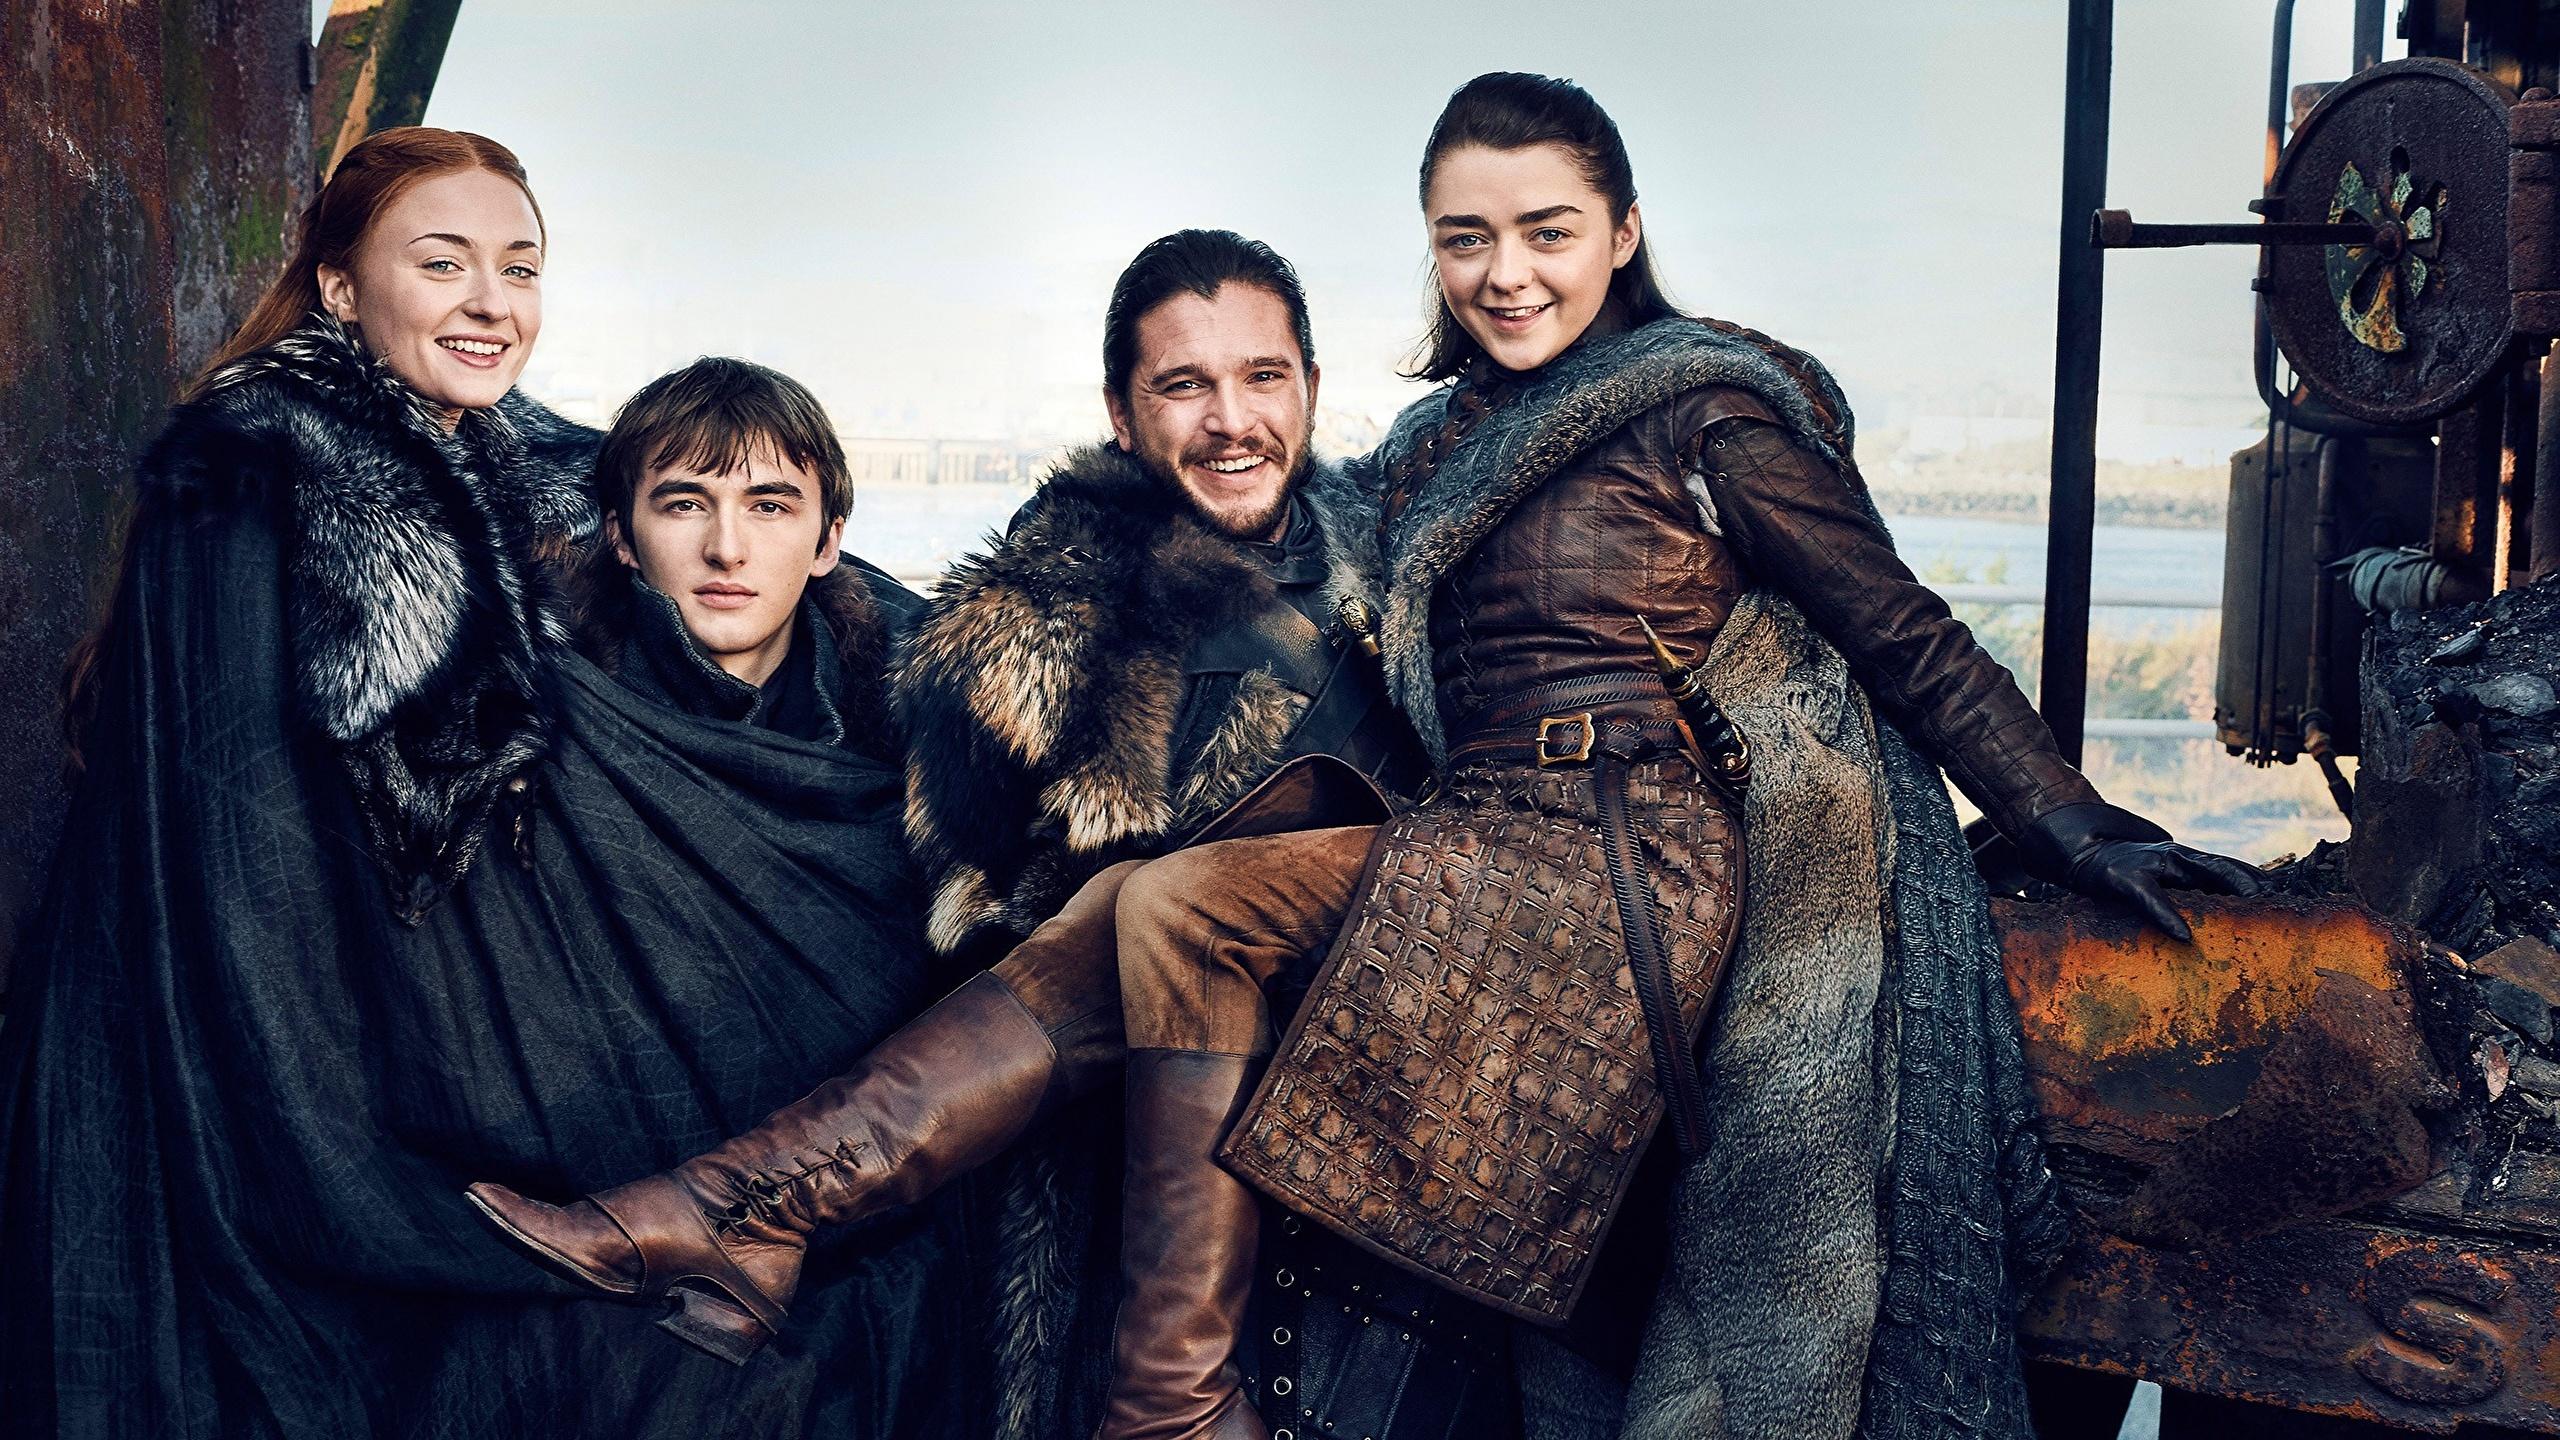 Foto Game Of Thrones Kit Harington Mann Lächeln Season 7